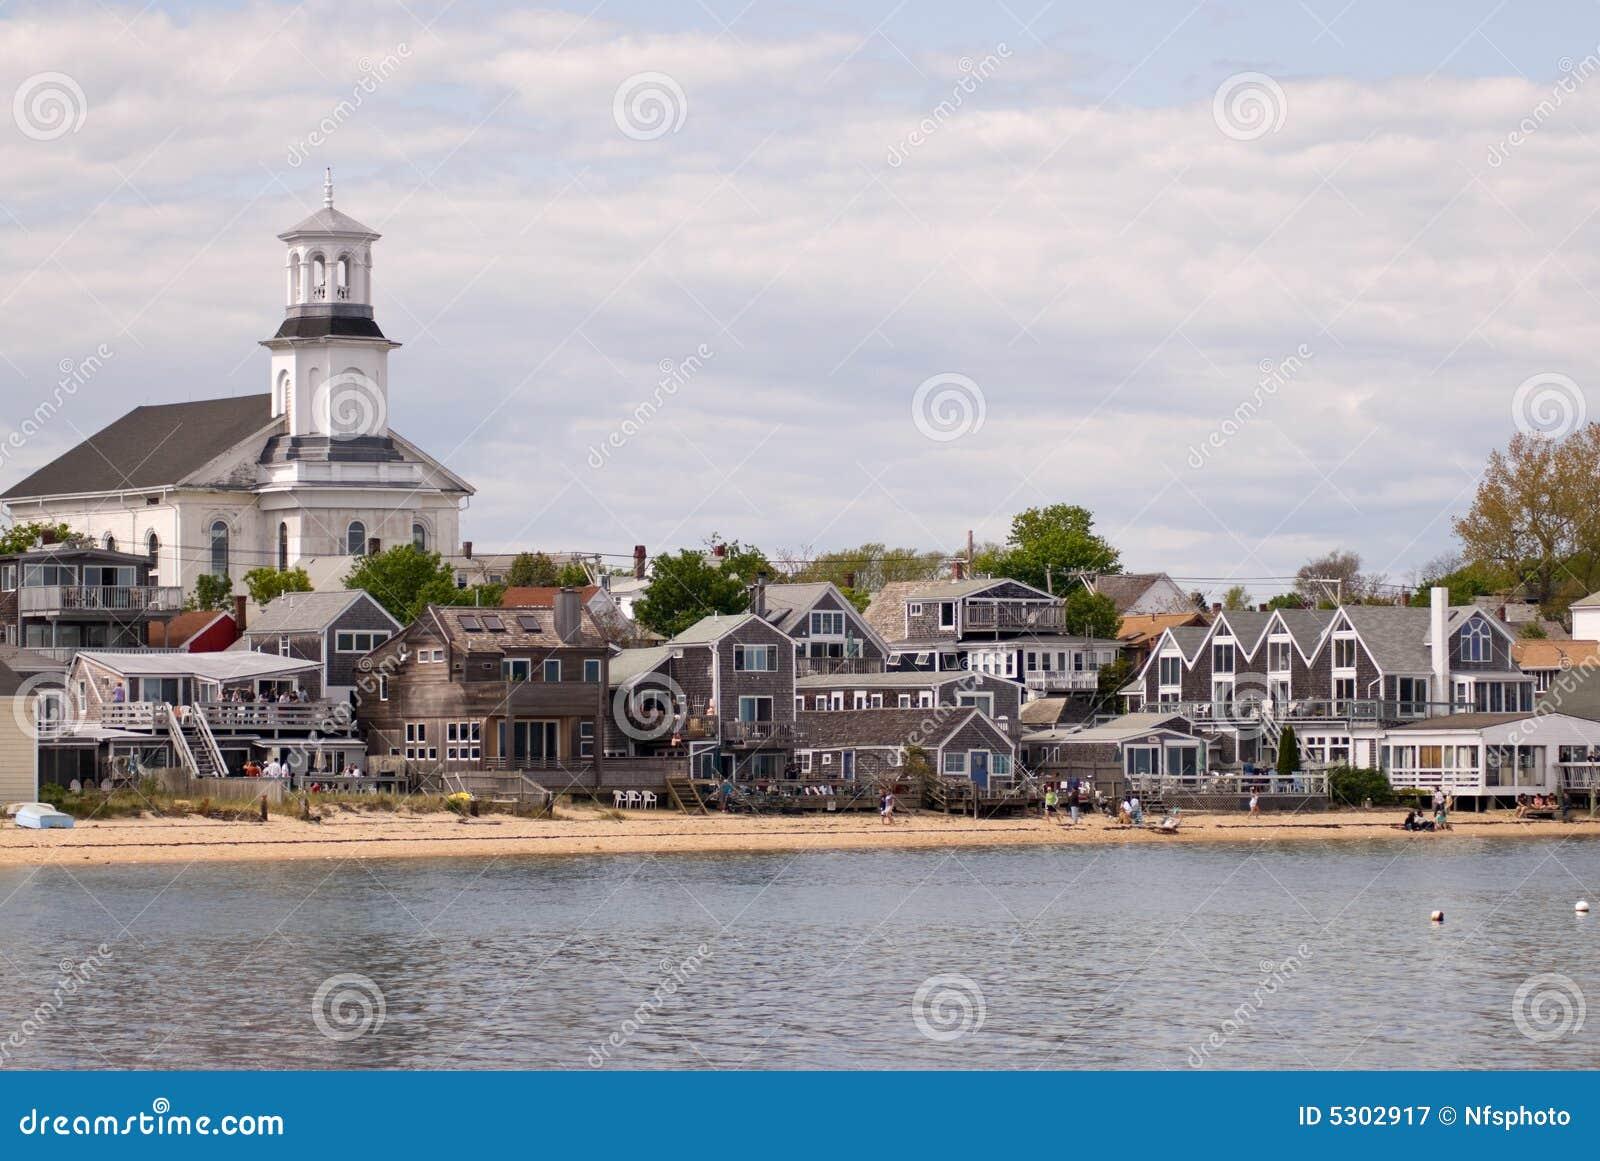 海滩前的鳕鱼安置provincetown